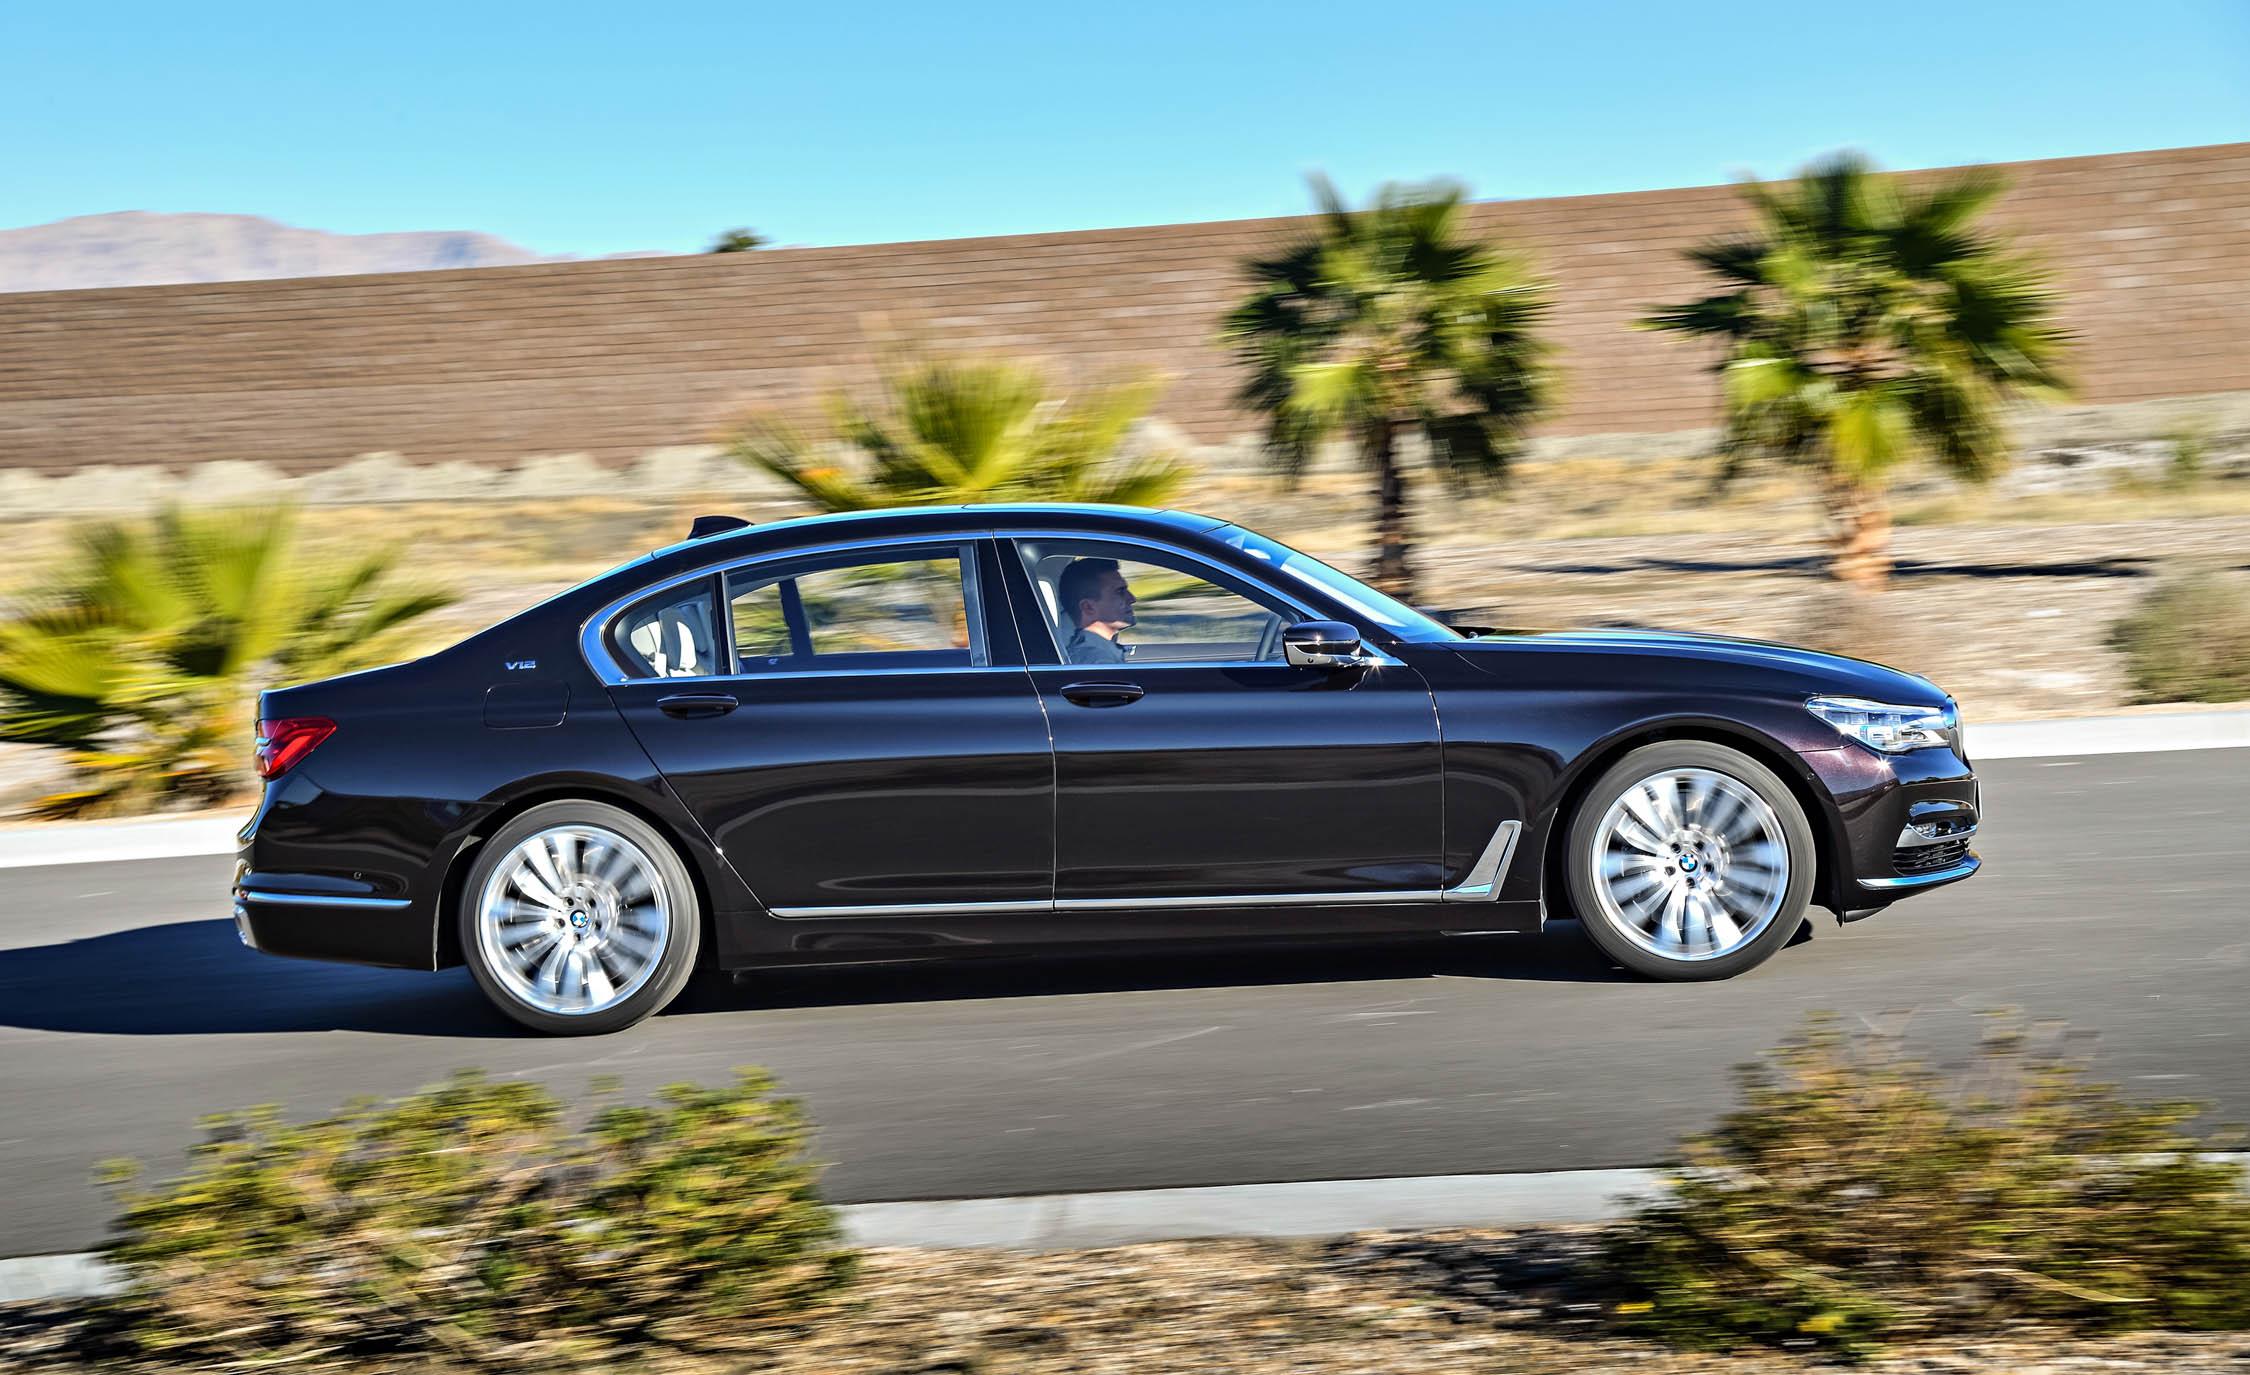 2017 BMW M760Li XDrive Test Drive Side View (View 65 of 76)